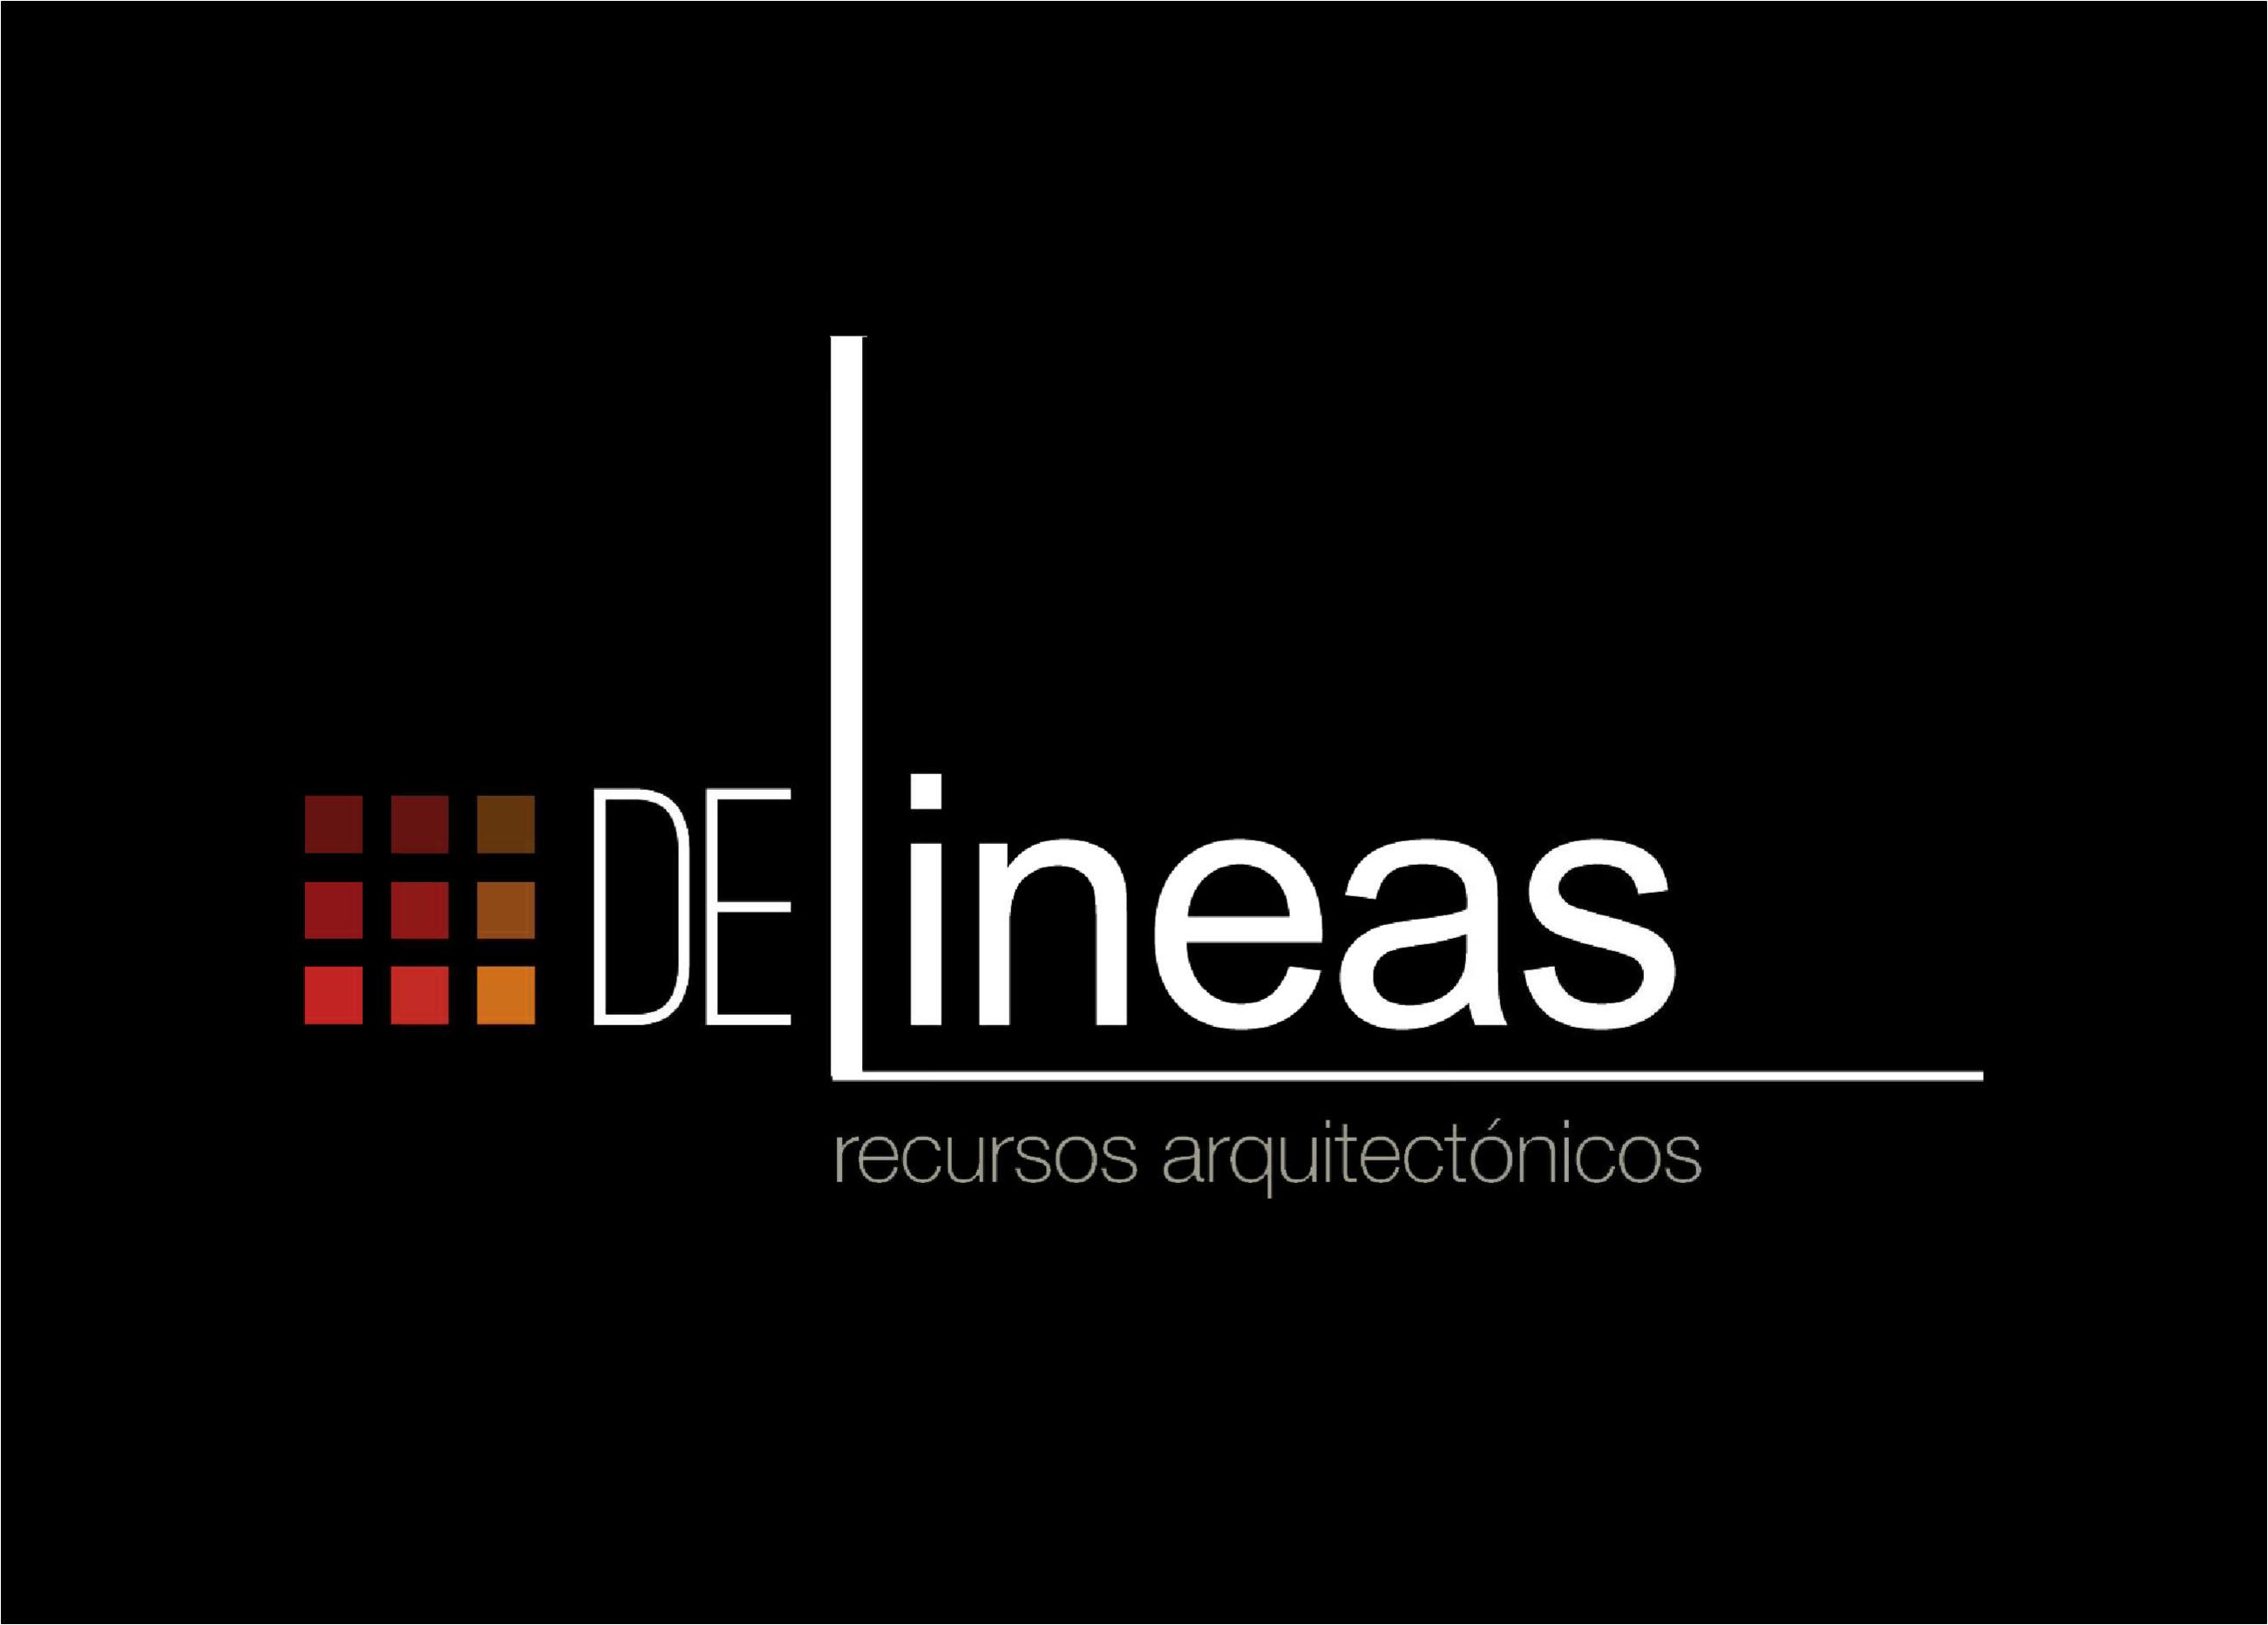 Proyectos De Delineas Recursos Arquitectonicos